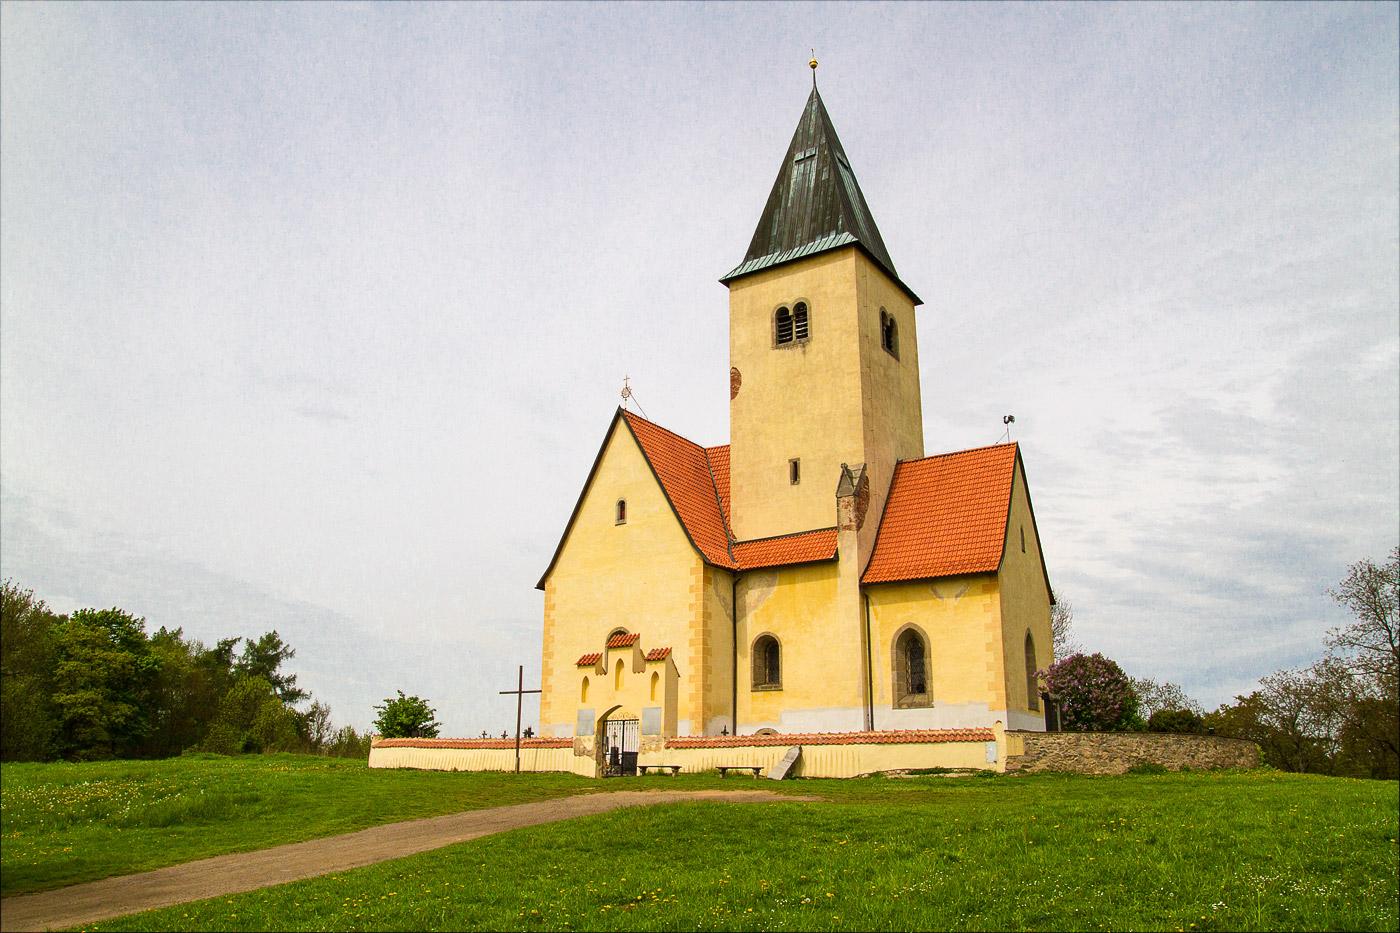 Костел Св. Иакова и Филиппа (kostel sv.Jakuba a Filipa) в Хвойене у Конопиште, Чехия